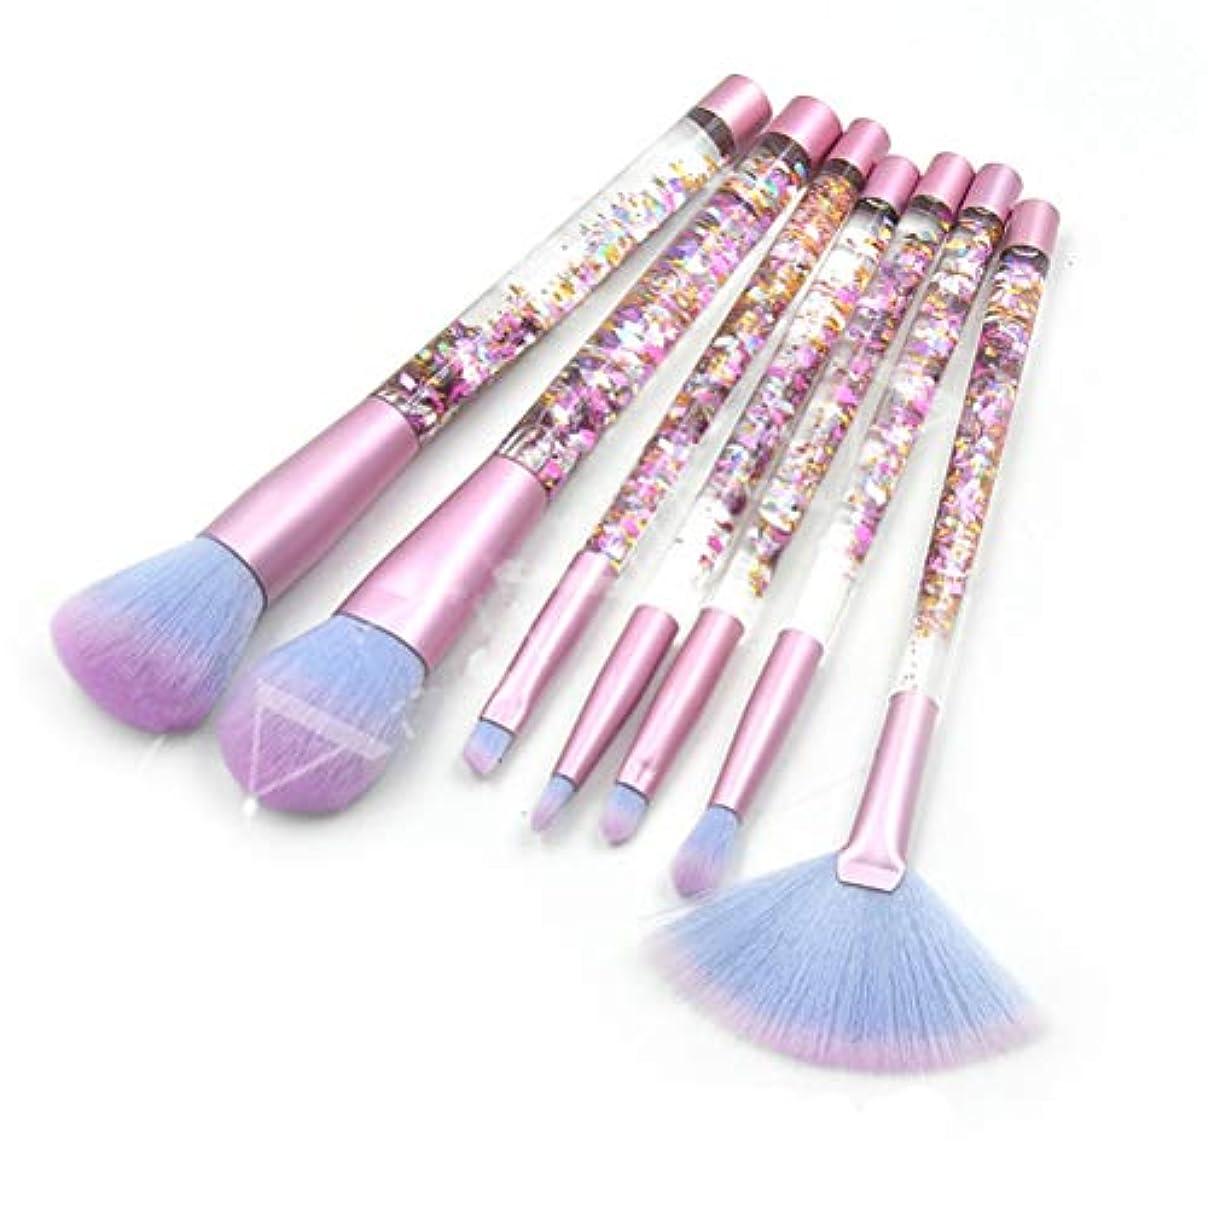 病気心配労働LSHJP 化粧ブラシ 7個セット 化粧道具 レディース ビューティー きれいめ 簡単 カジュアル 便利 お出かけ 高品質 (Color : RedDebrisBlue, Size : ワンサイズ)